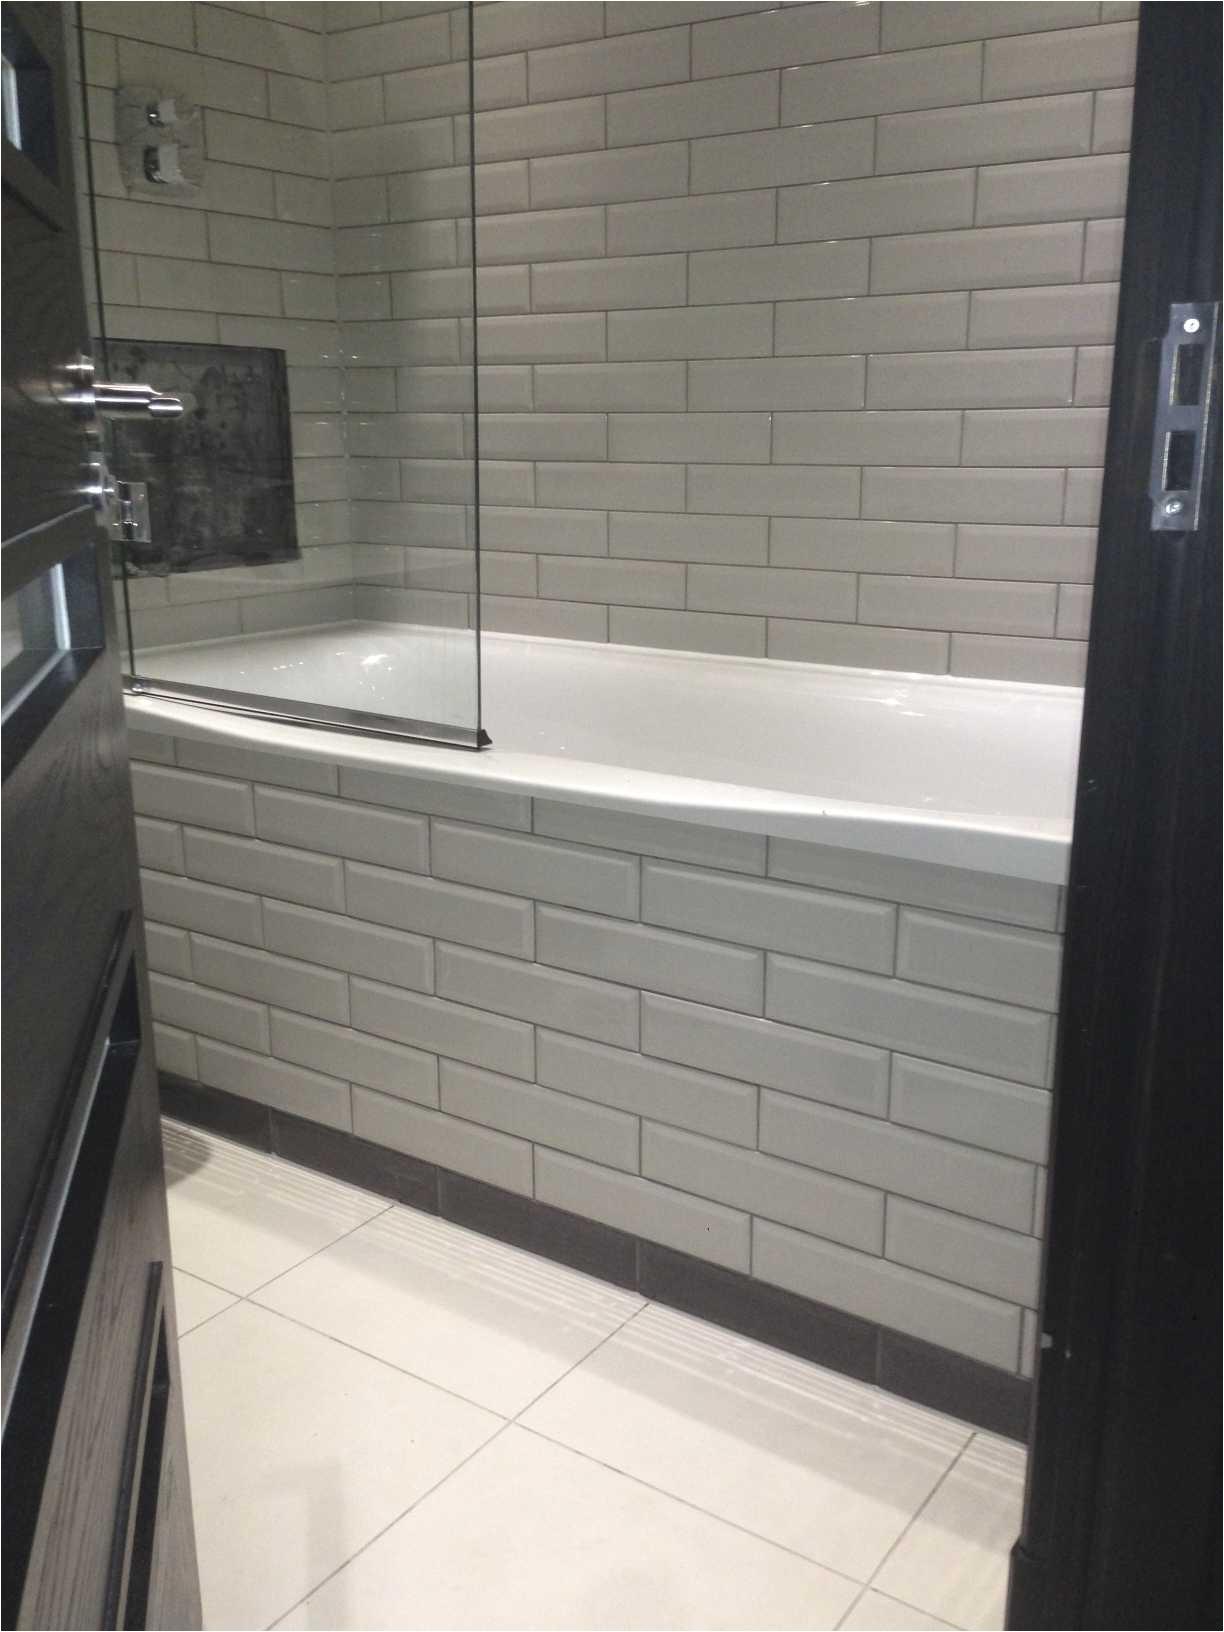 a tiled bath panel bathroom tiles